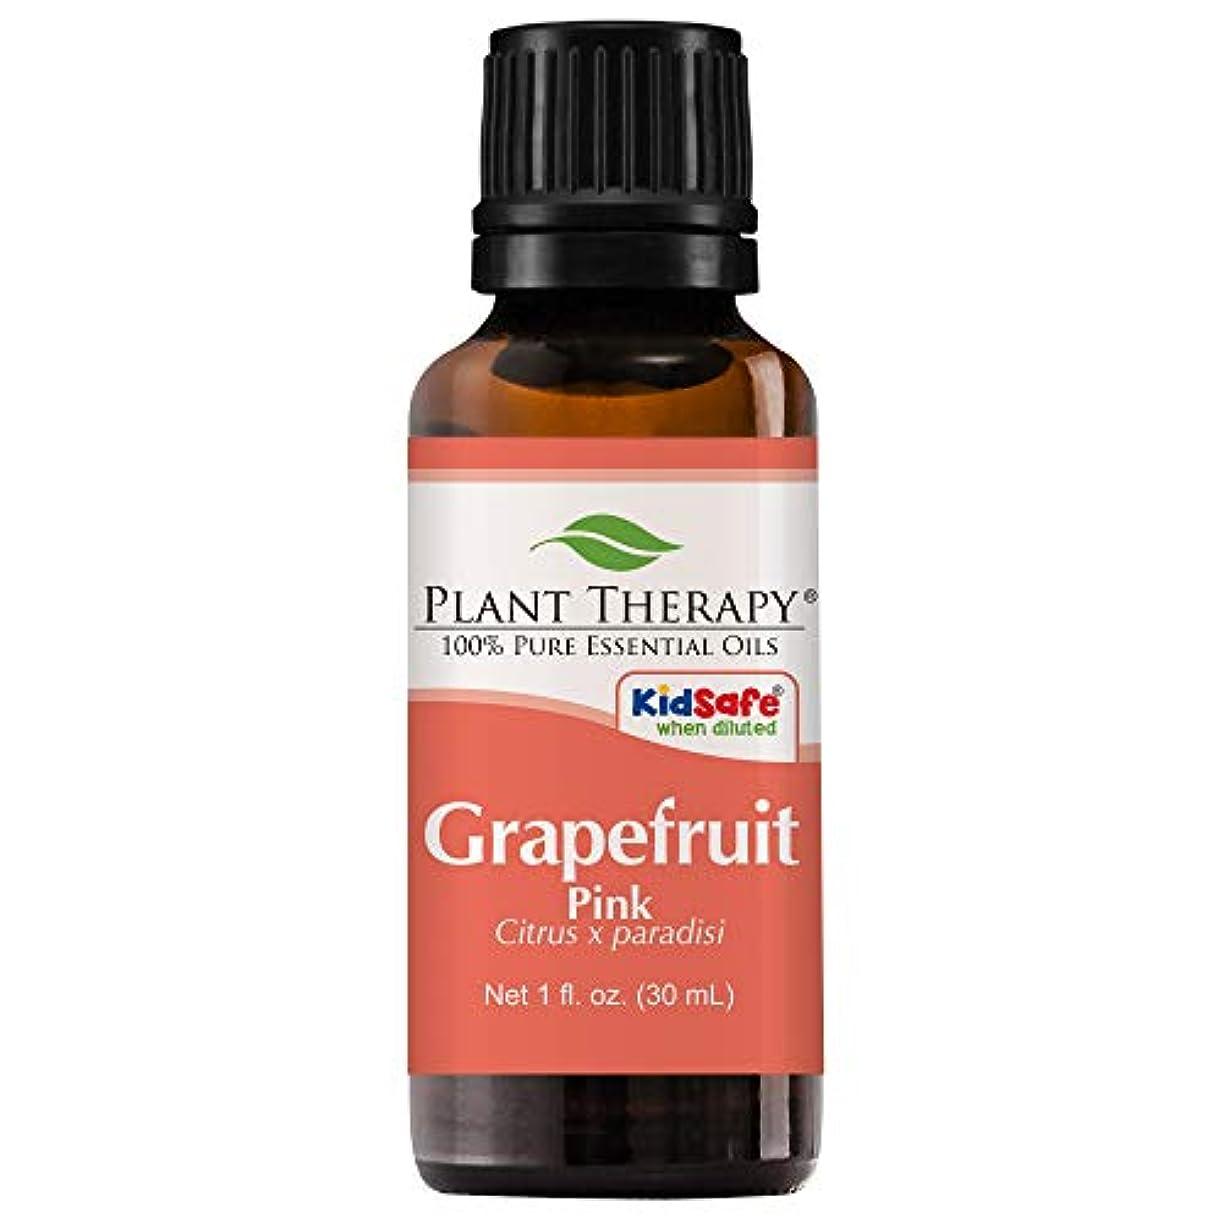 植物セラピーグレープフルーツ(ピンク)エッセンシャルオイル。 100%ピュア、希釈していない、治療グレード。 30ミリリットル(1オンス)